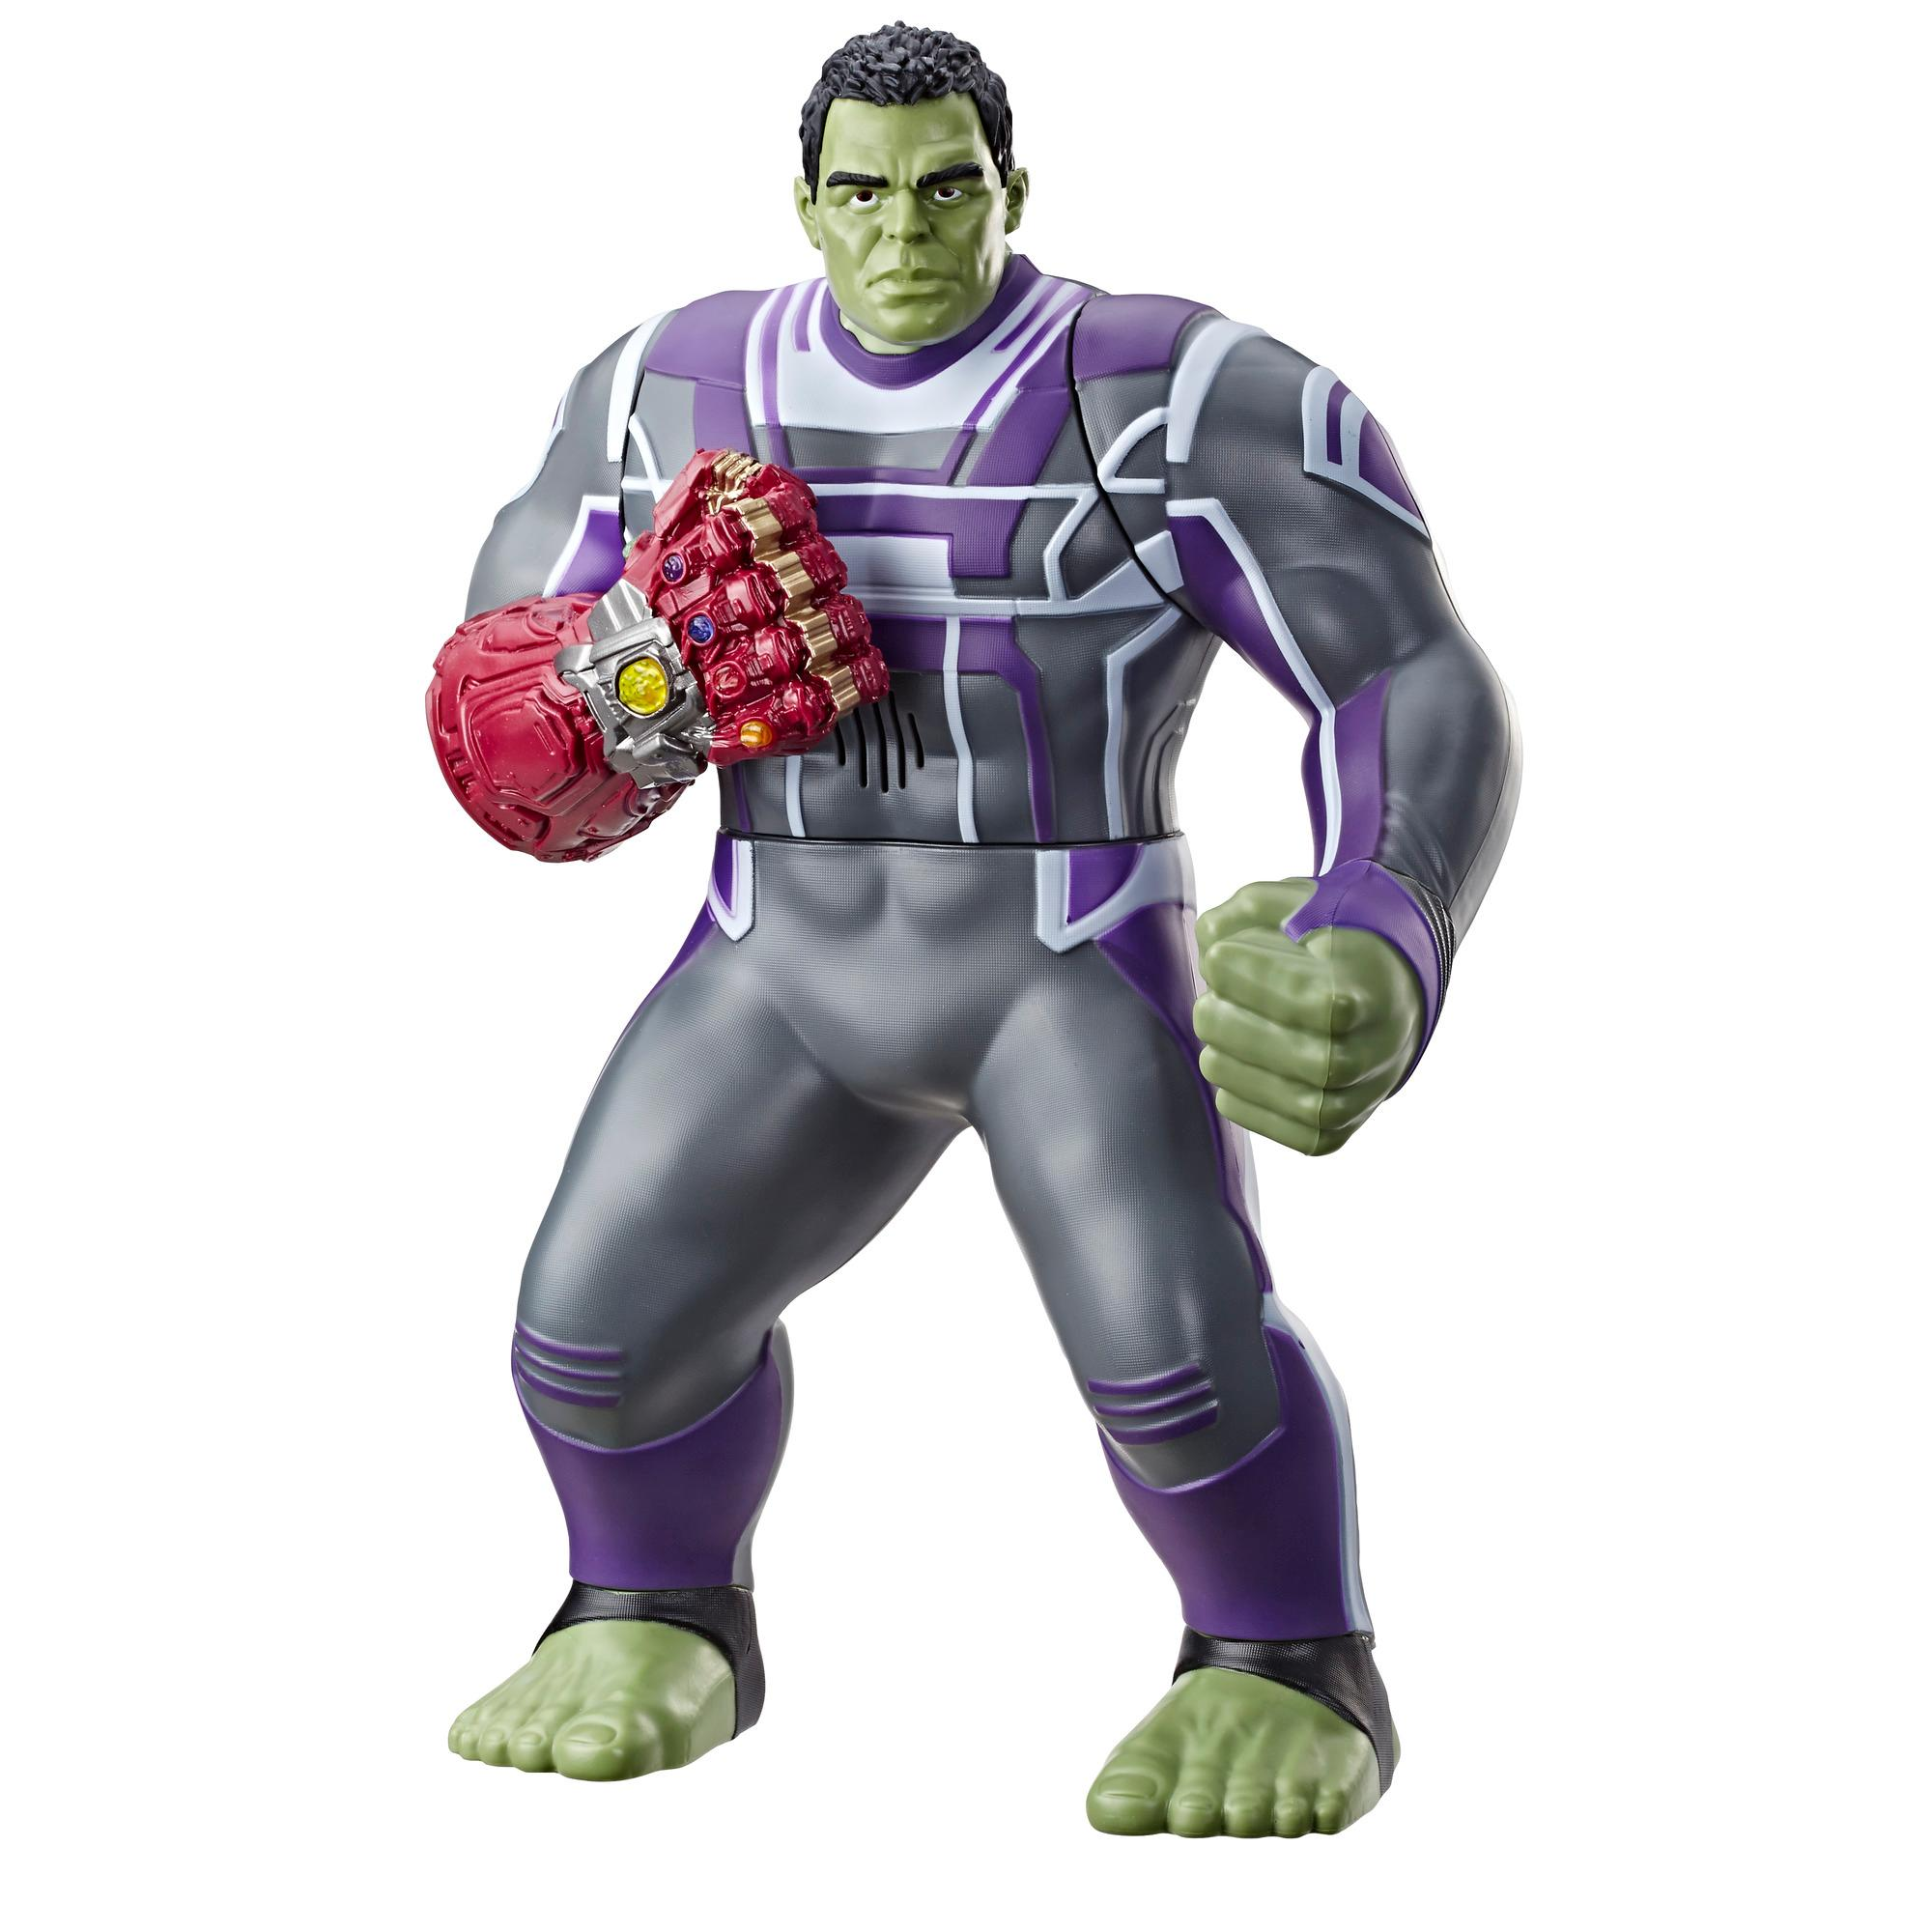 Marvel Avengers: Endgame - Elektronischer Hulk 35 cm große Action-Figur